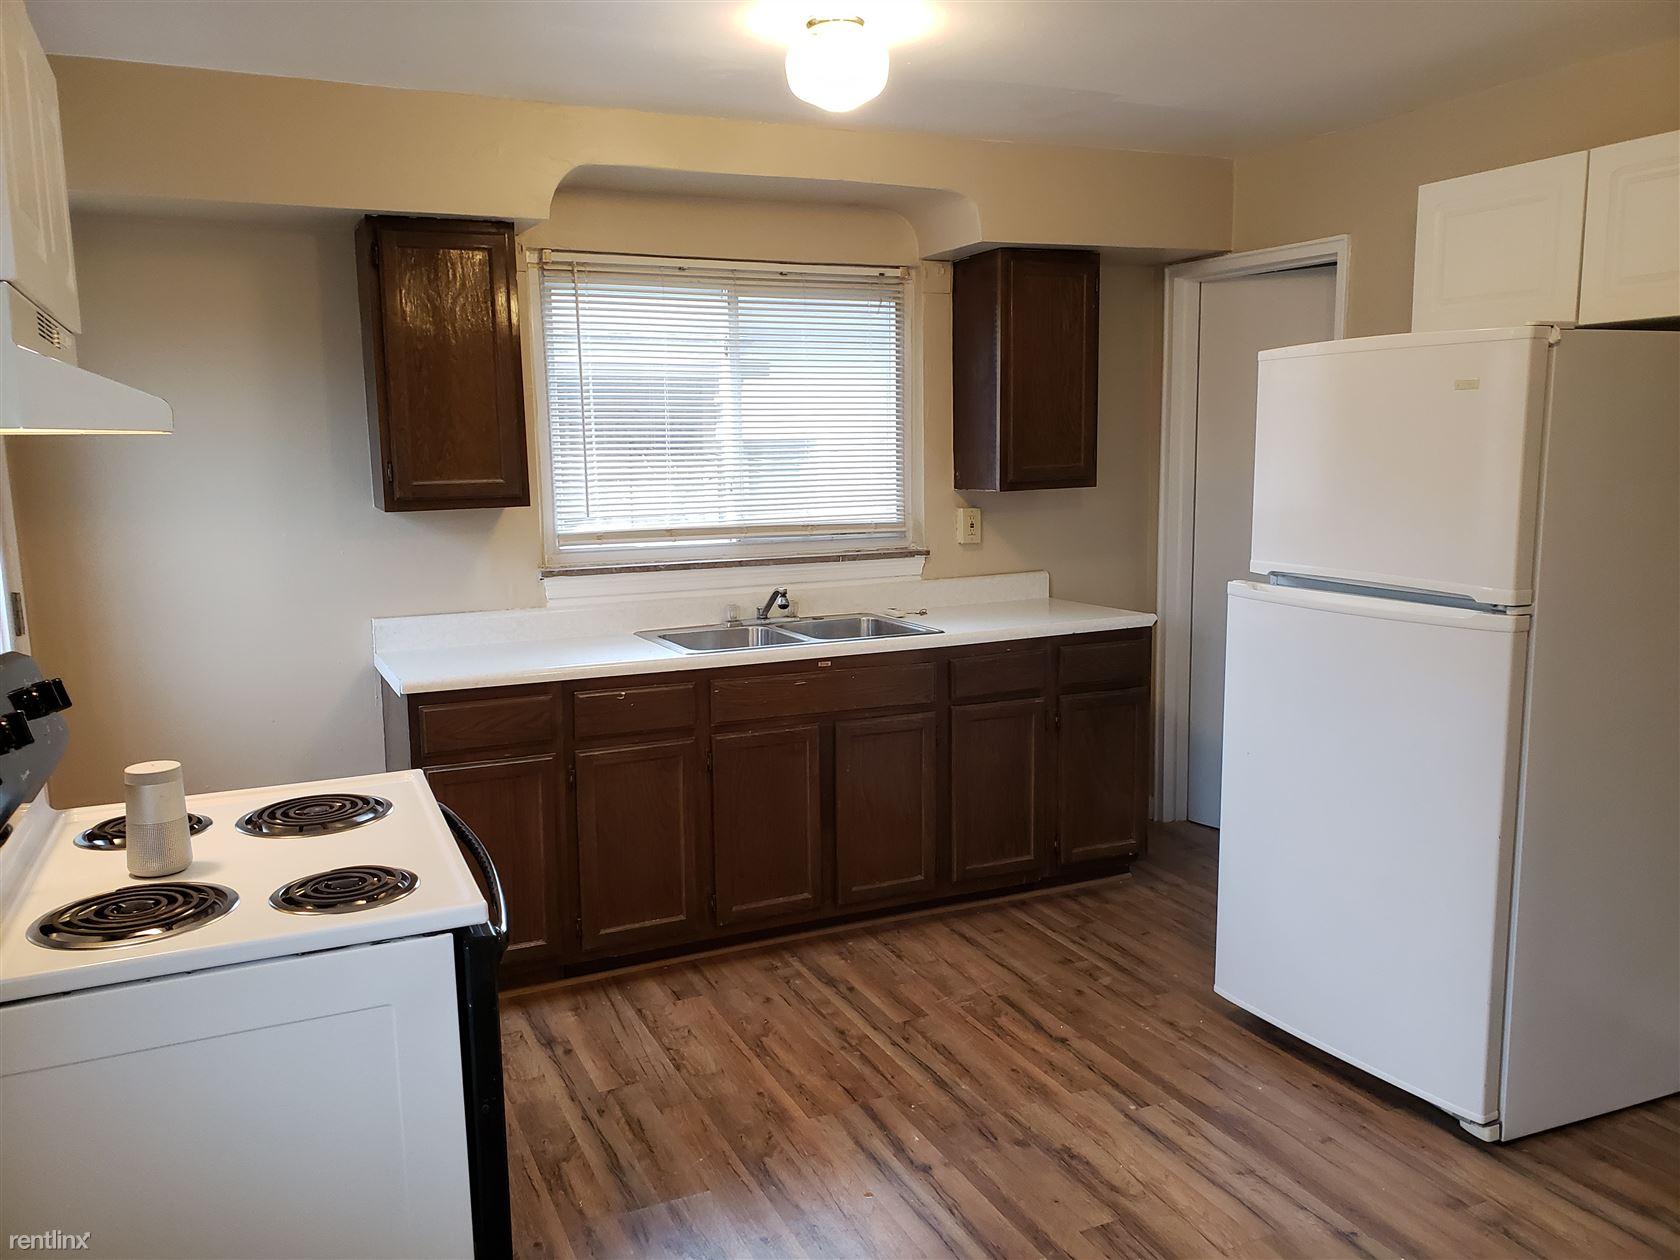 336 E Pike St, Houston, PA - $950